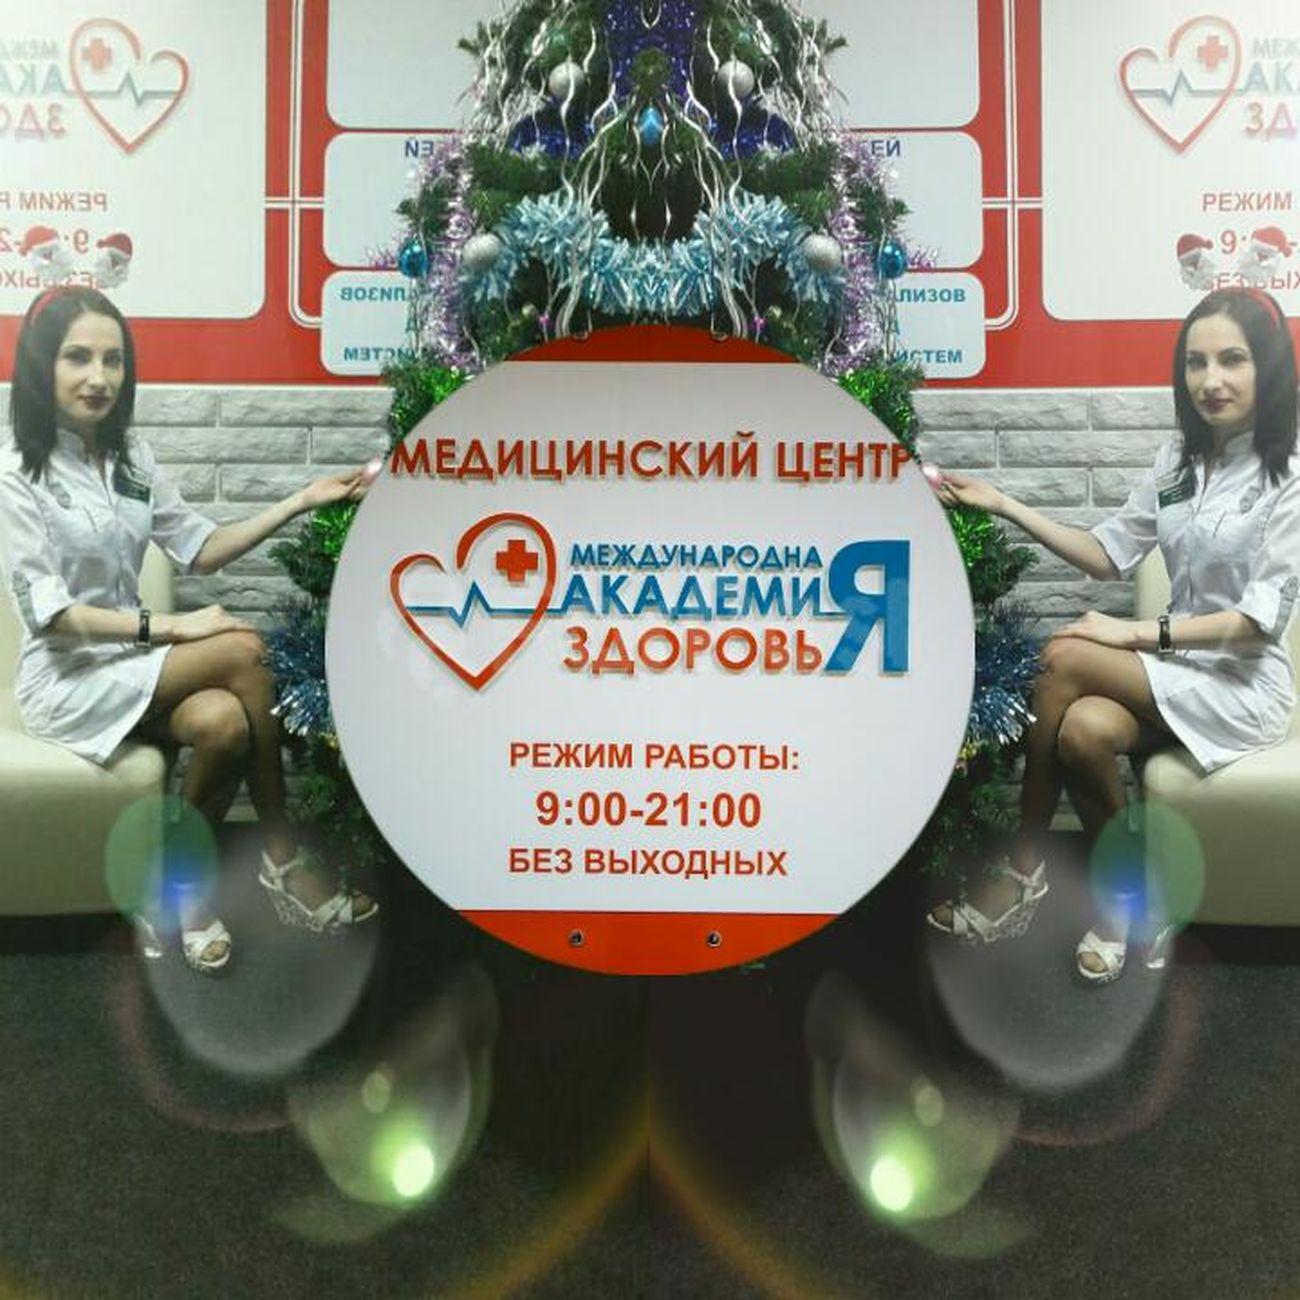 8 (962)222-25-13 Валентина Олеговна